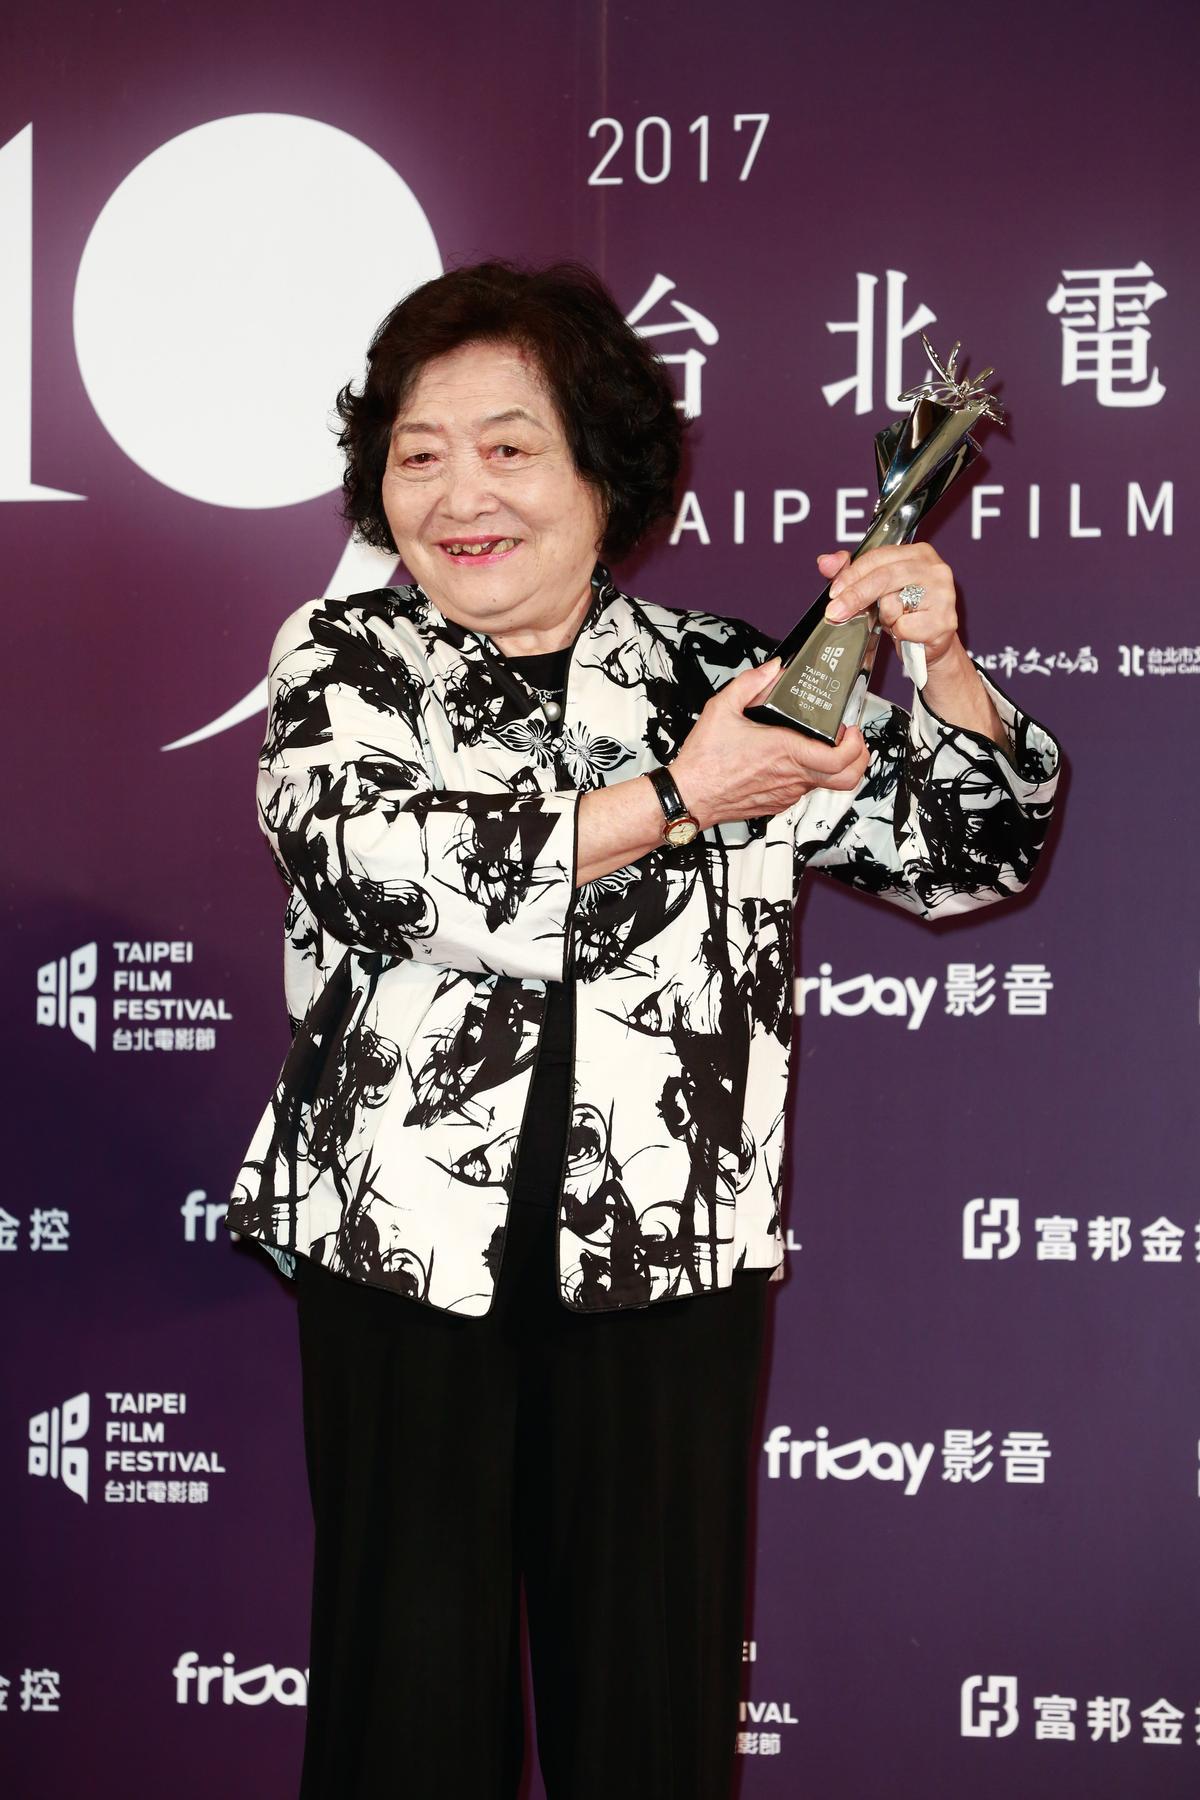 劉引商從影多年終於得獎。